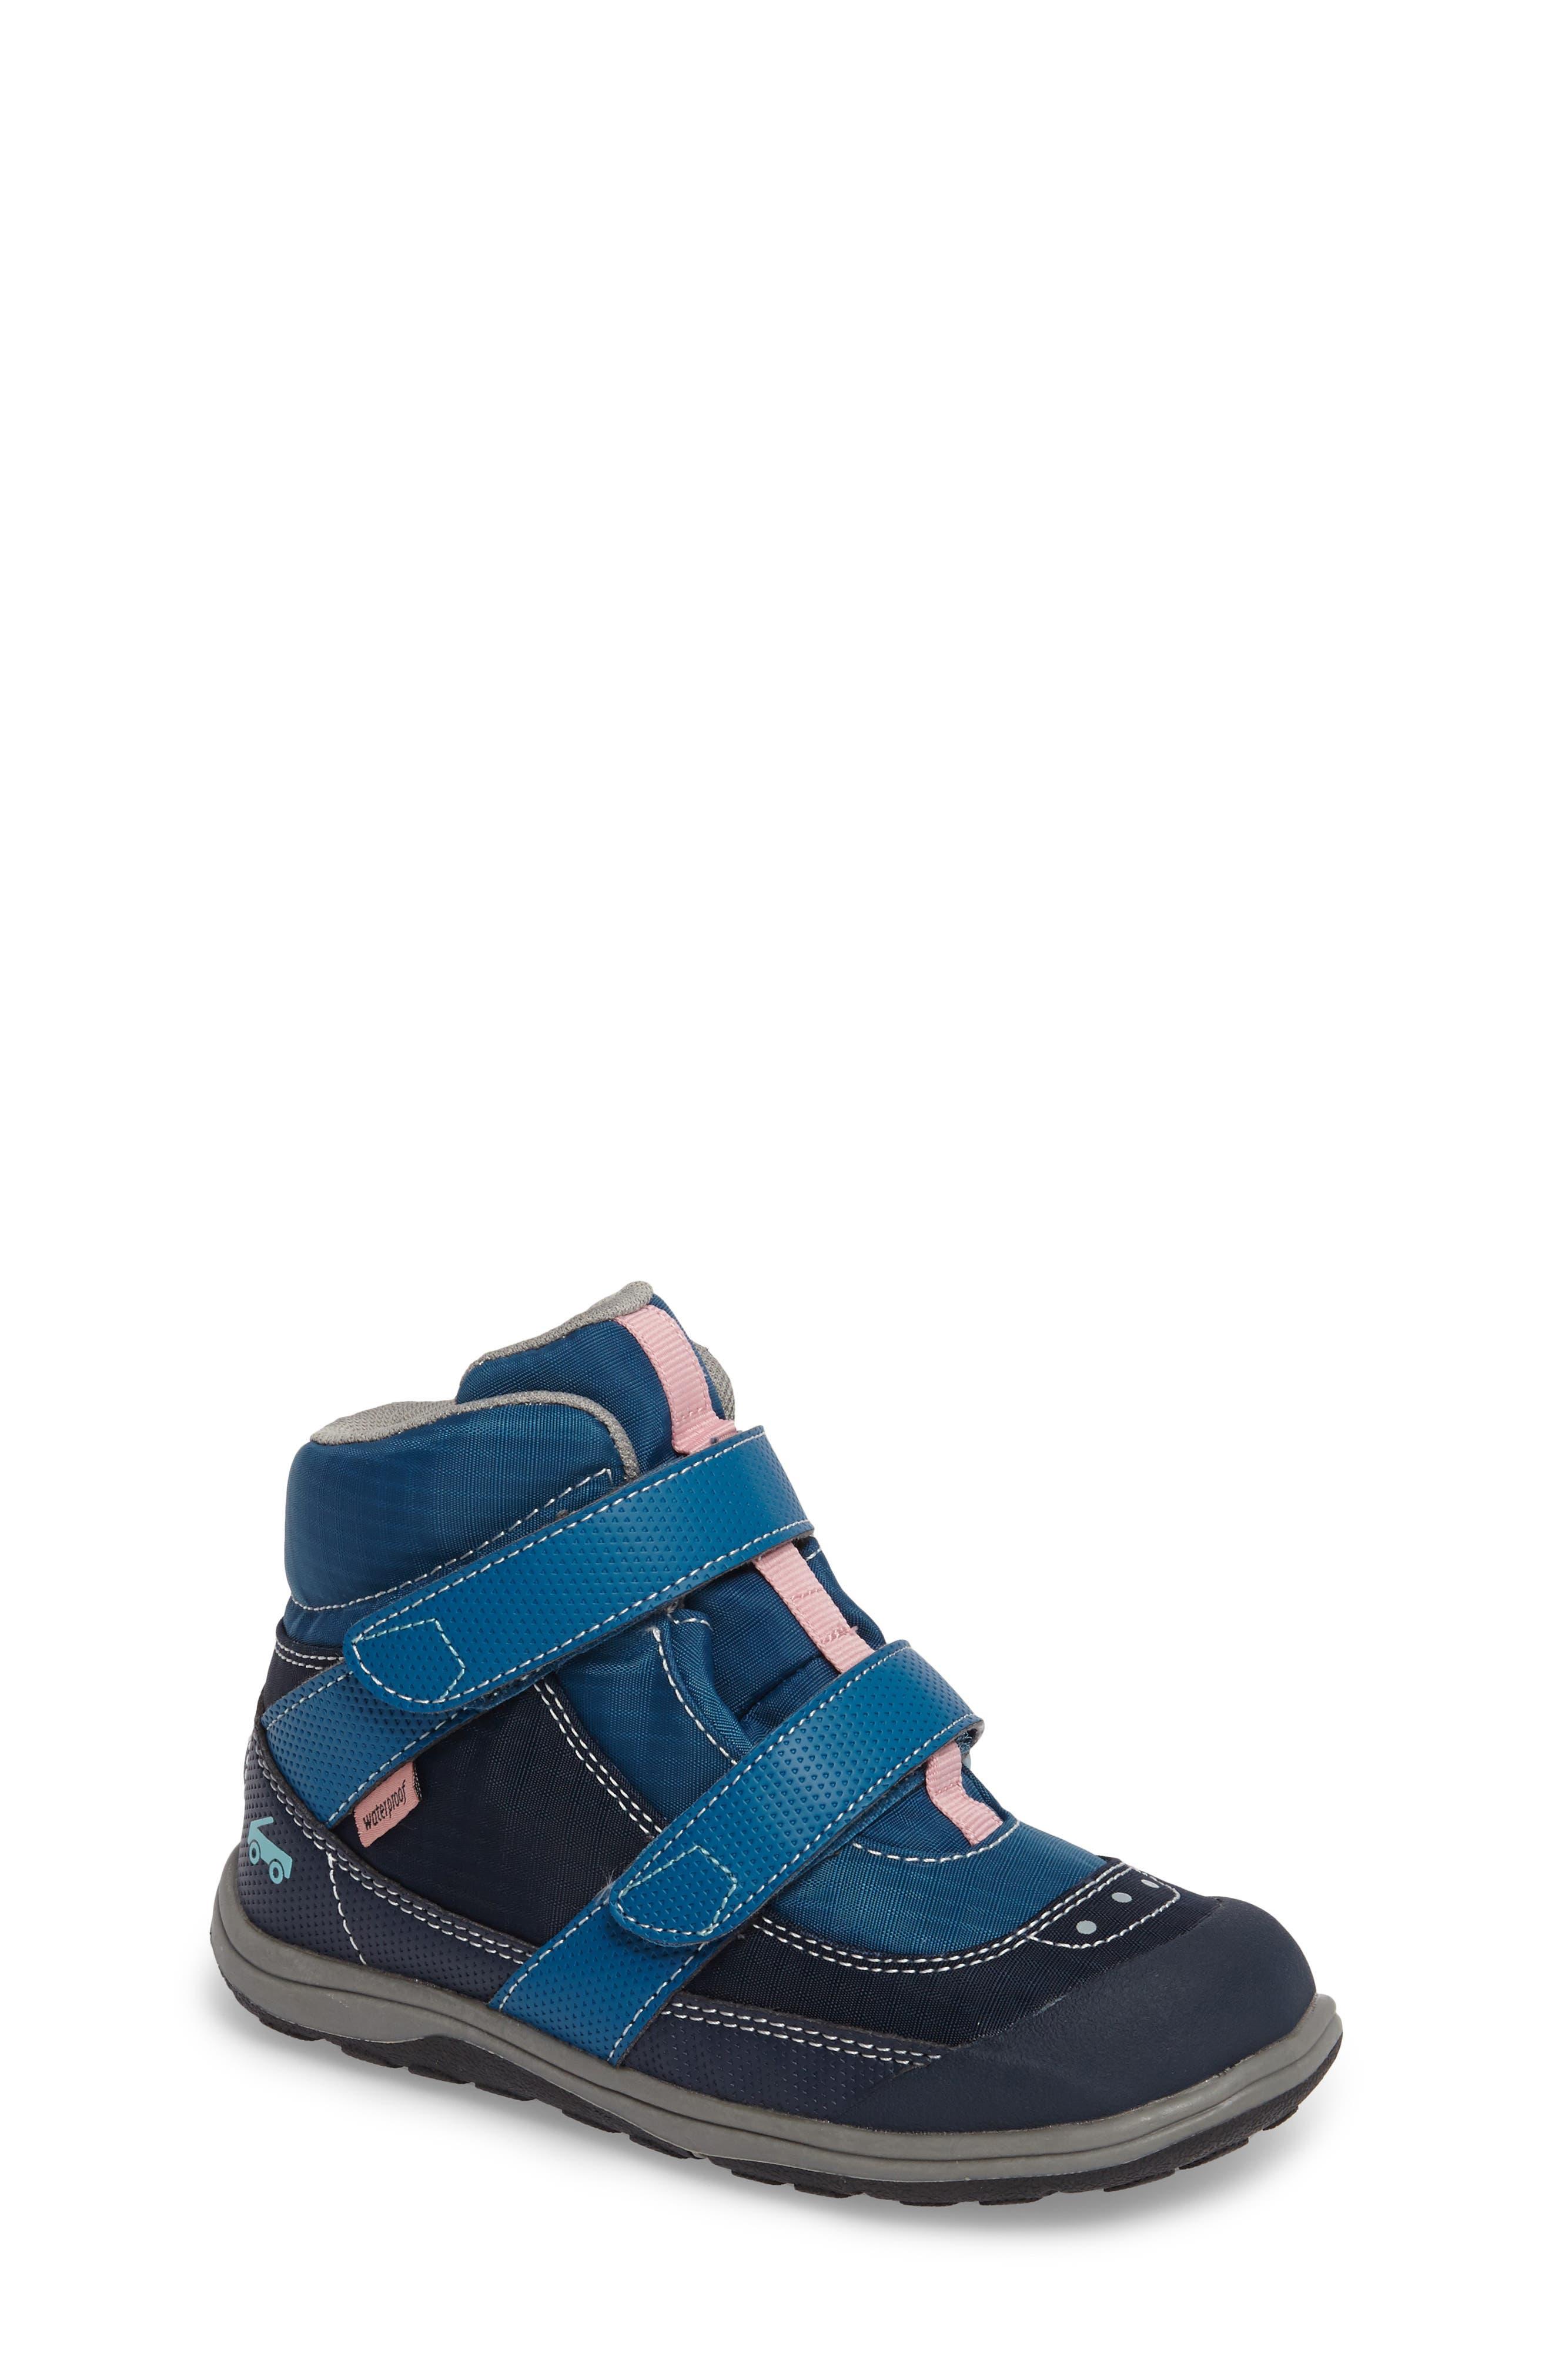 See Kai Run Atlas Waterproof Boot (Toddler & Little Kid)